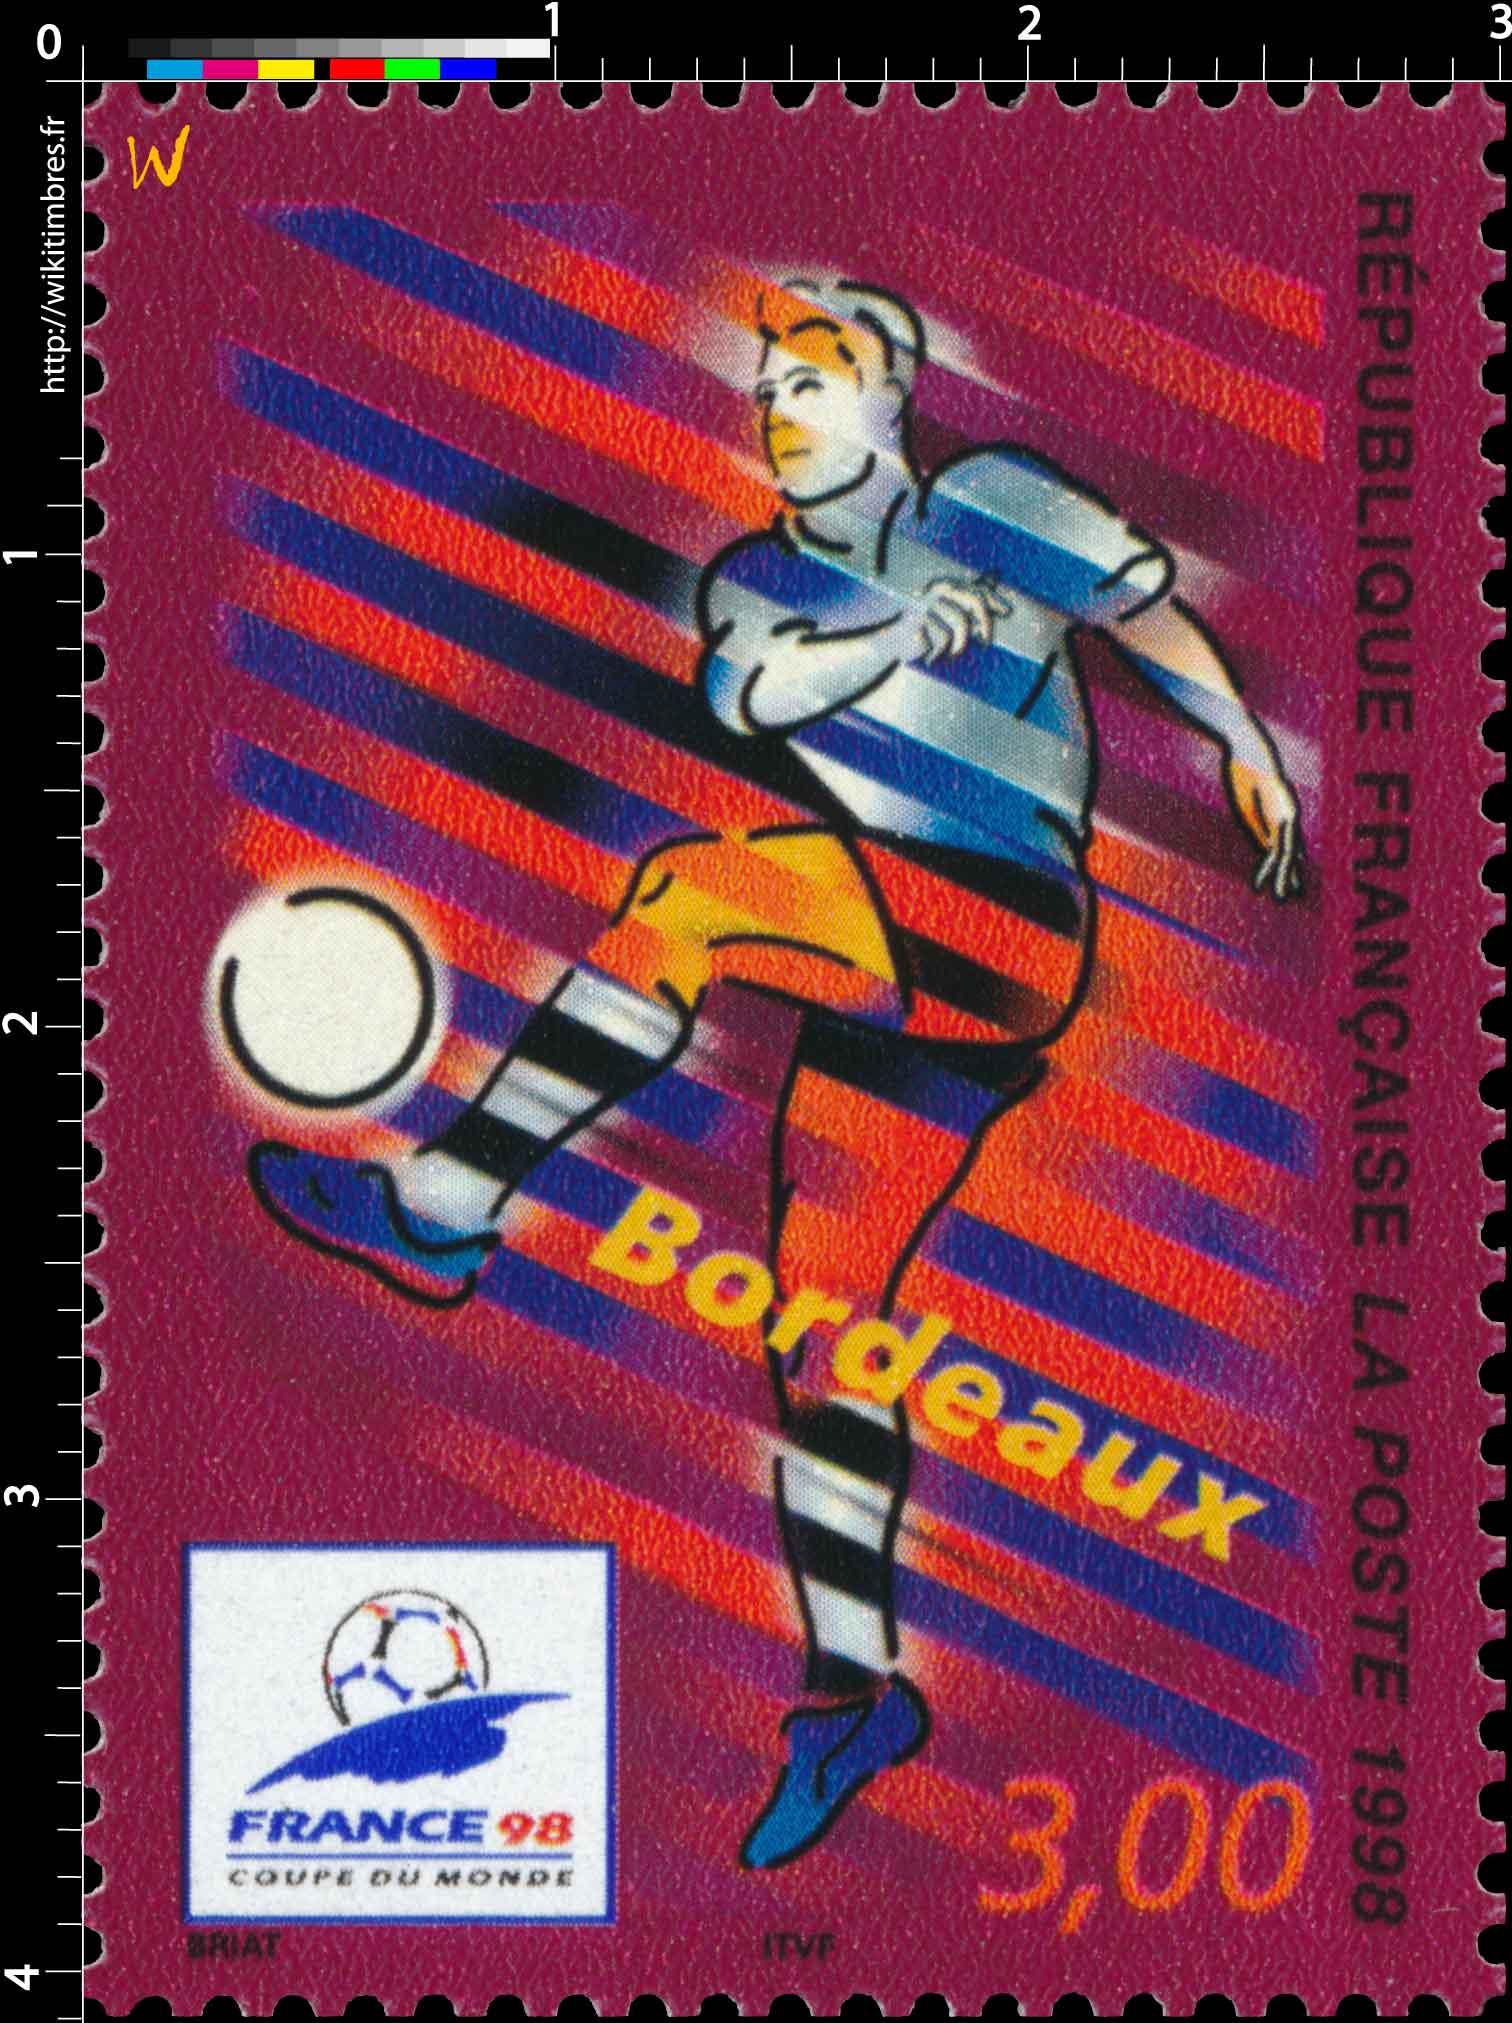 1998 FRANCE 98 COUPE DU MONDE DE FOOTBALL Bordeaux